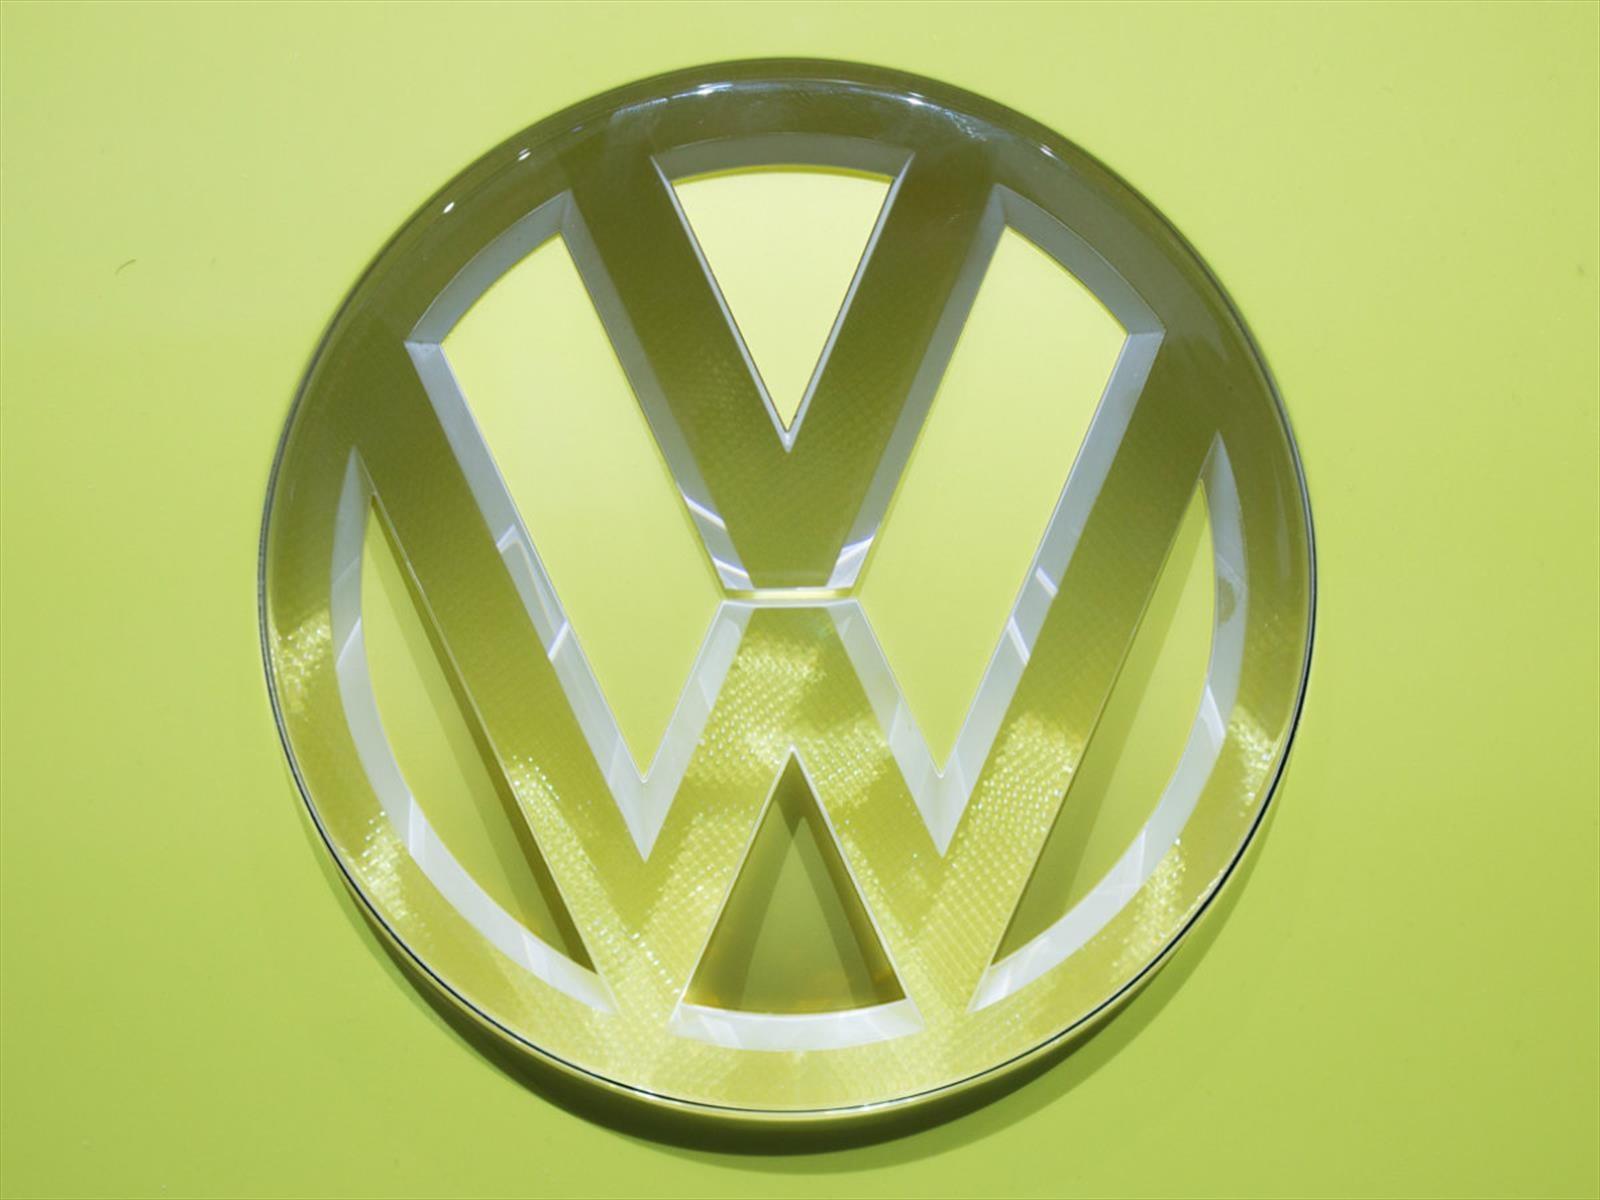 El Grupo Volkswagen vende 5,1 millones de vehículos en el primer semestre de 2017